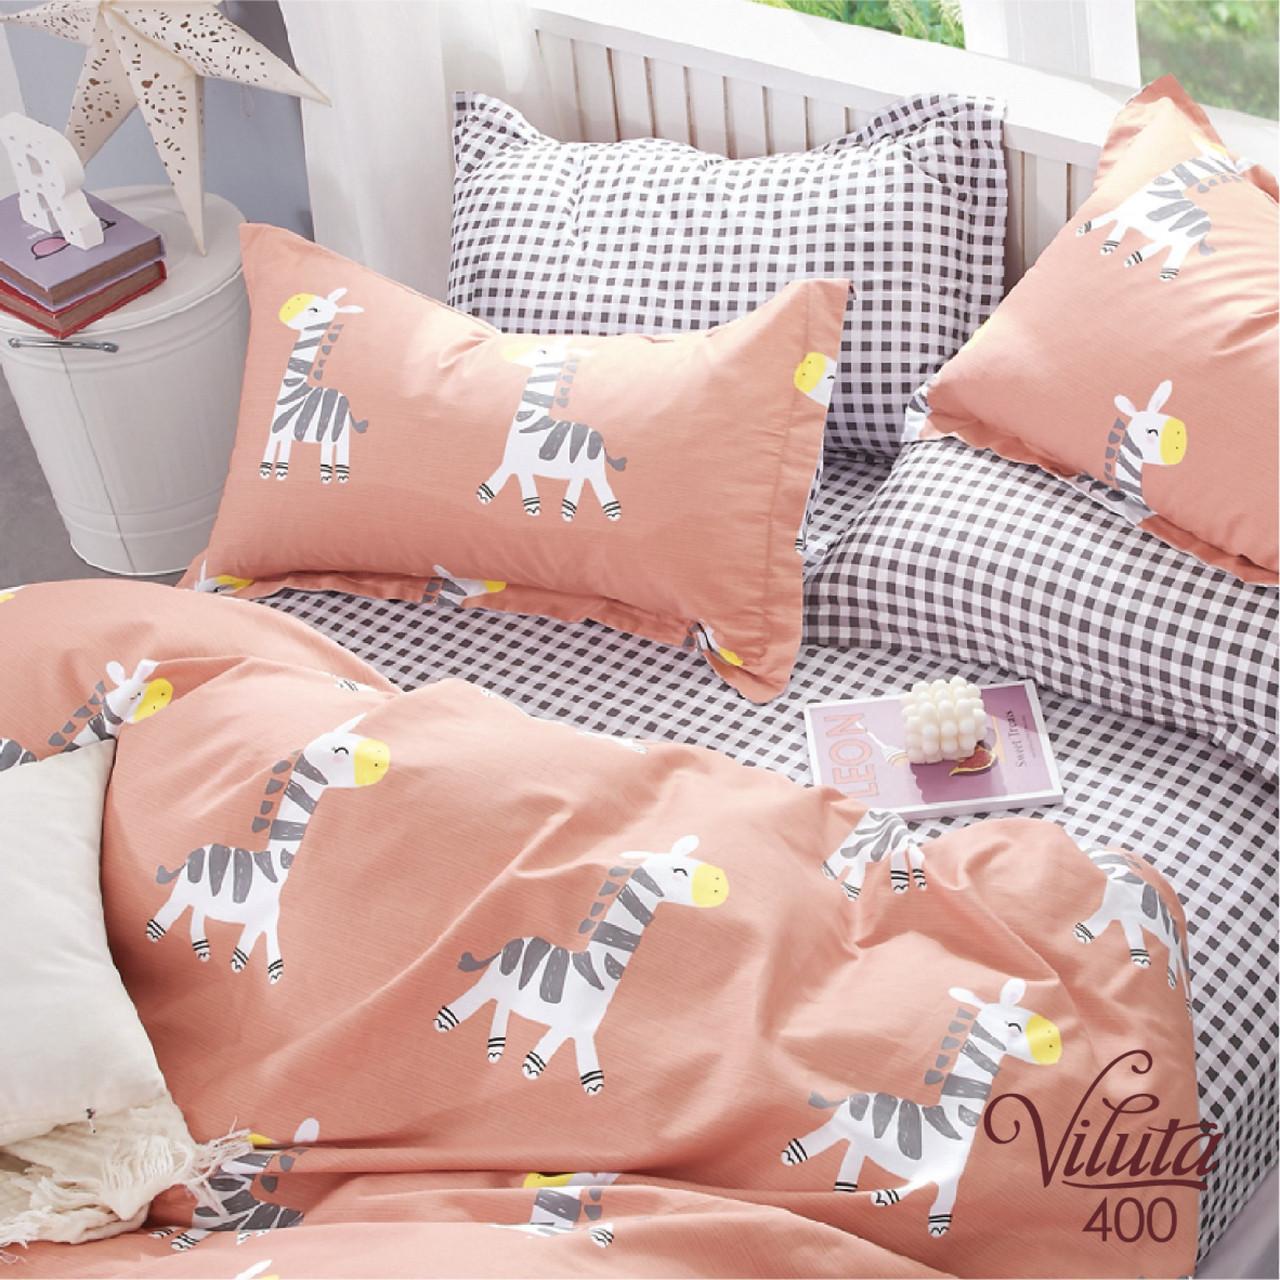 Подростковое постельное белье Viluta 400 сатин 143*205